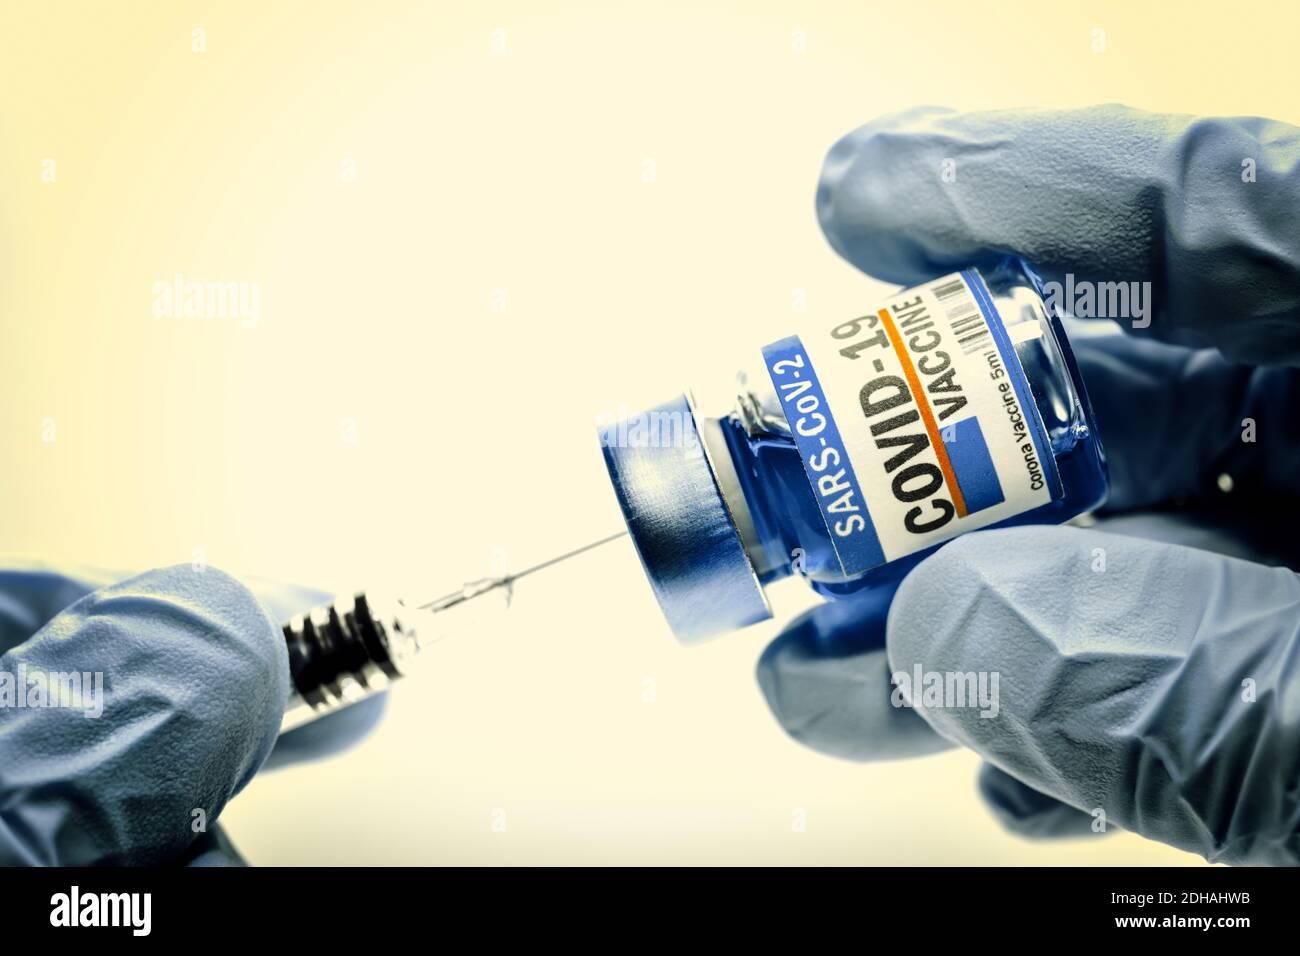 Hände in Zutzhandschuhen halten Injektionsfläschchen mit Corona-Impfstoff und Impfspritze, Symbolfoto Corona-Impfmittel Banque D'Images